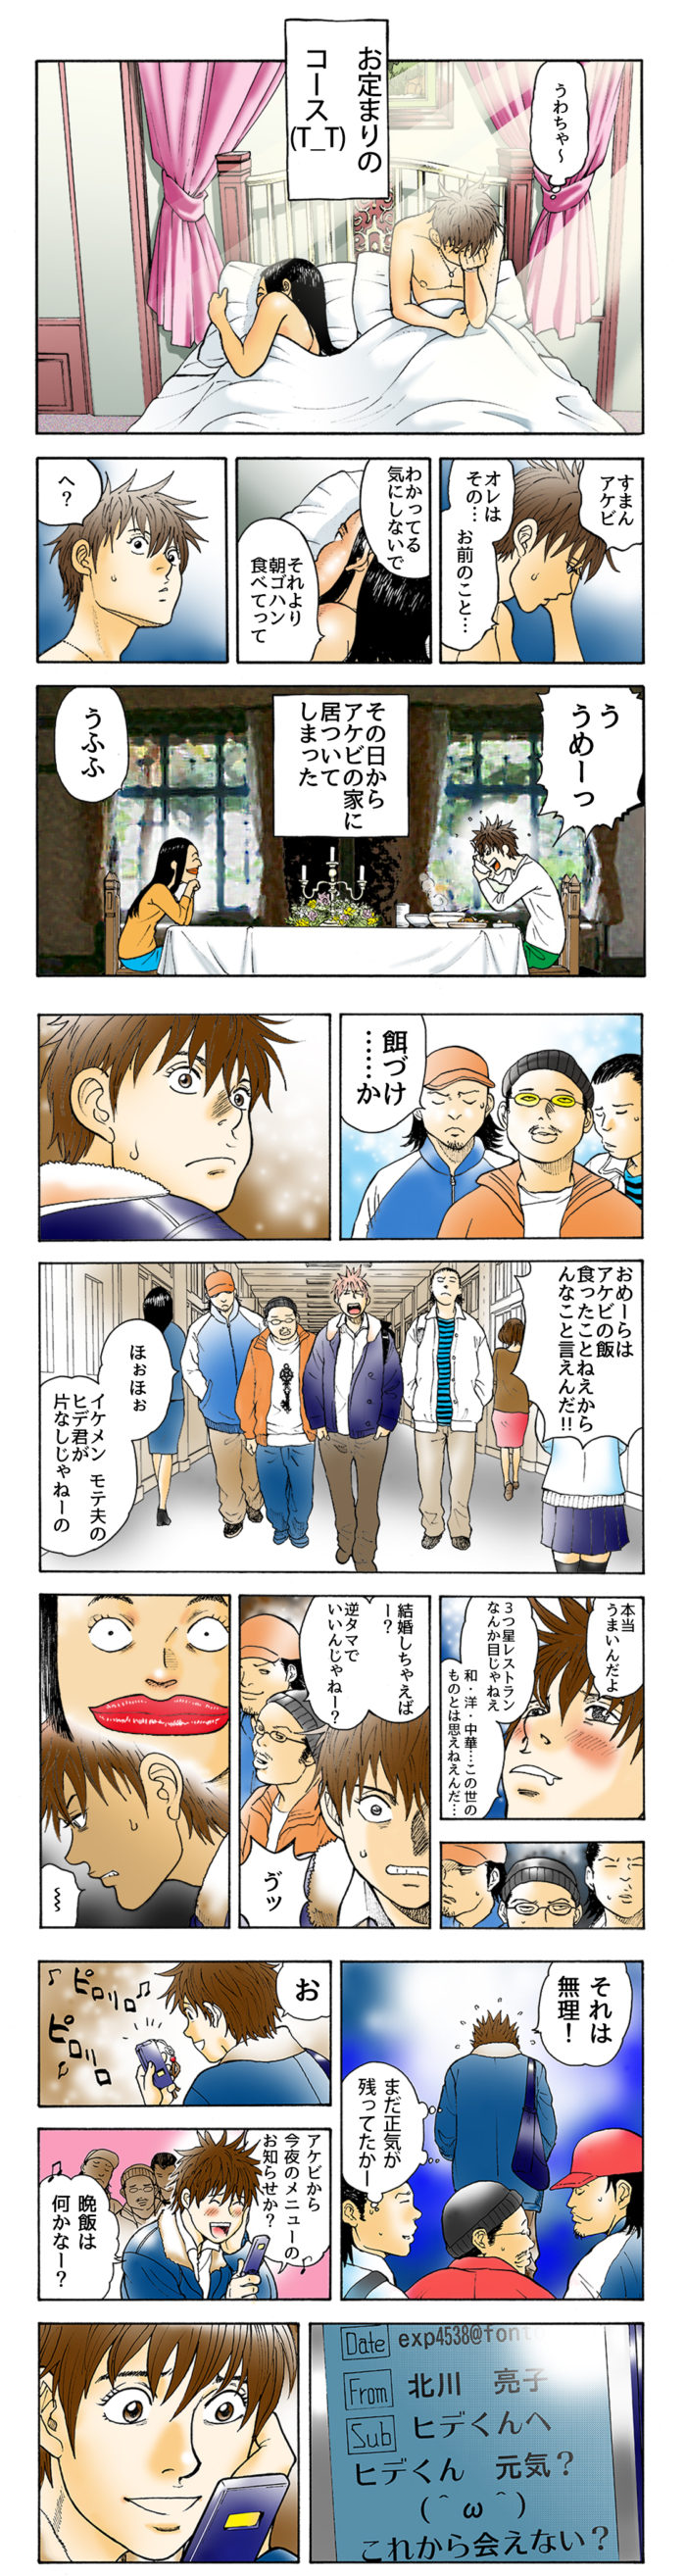 haiboku2-2